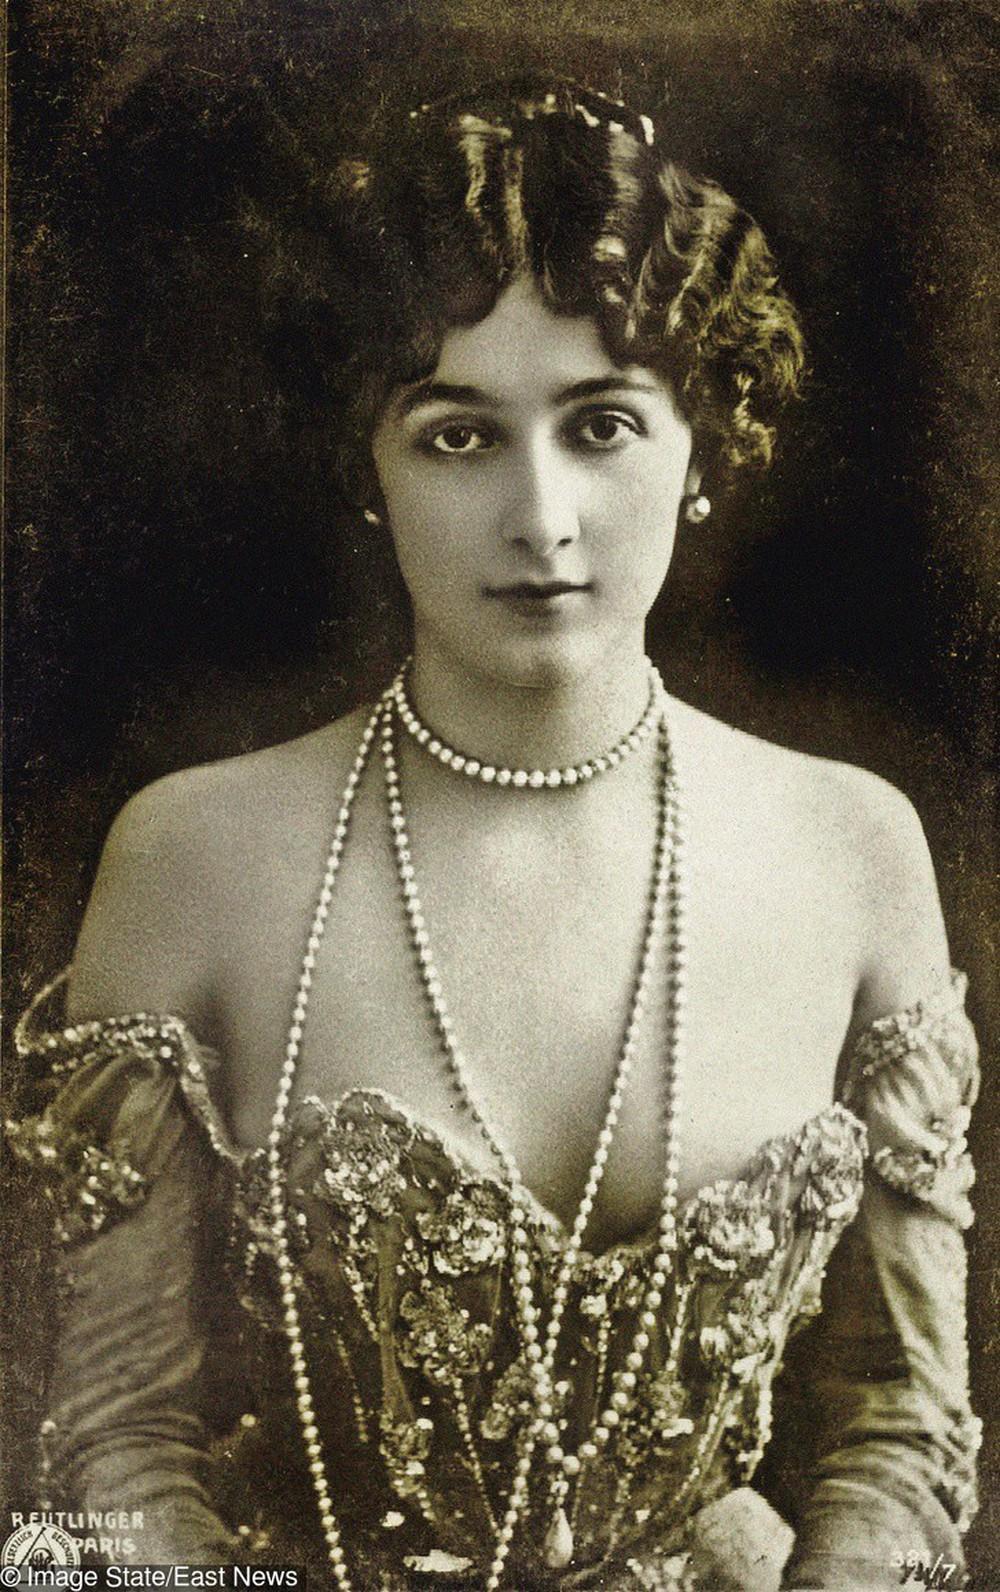 Những người phụ nữ đẹp nhất hơn 100 năm qua - có thể sẽ khiến bạn ngẩn ngơ! - Ảnh 2.